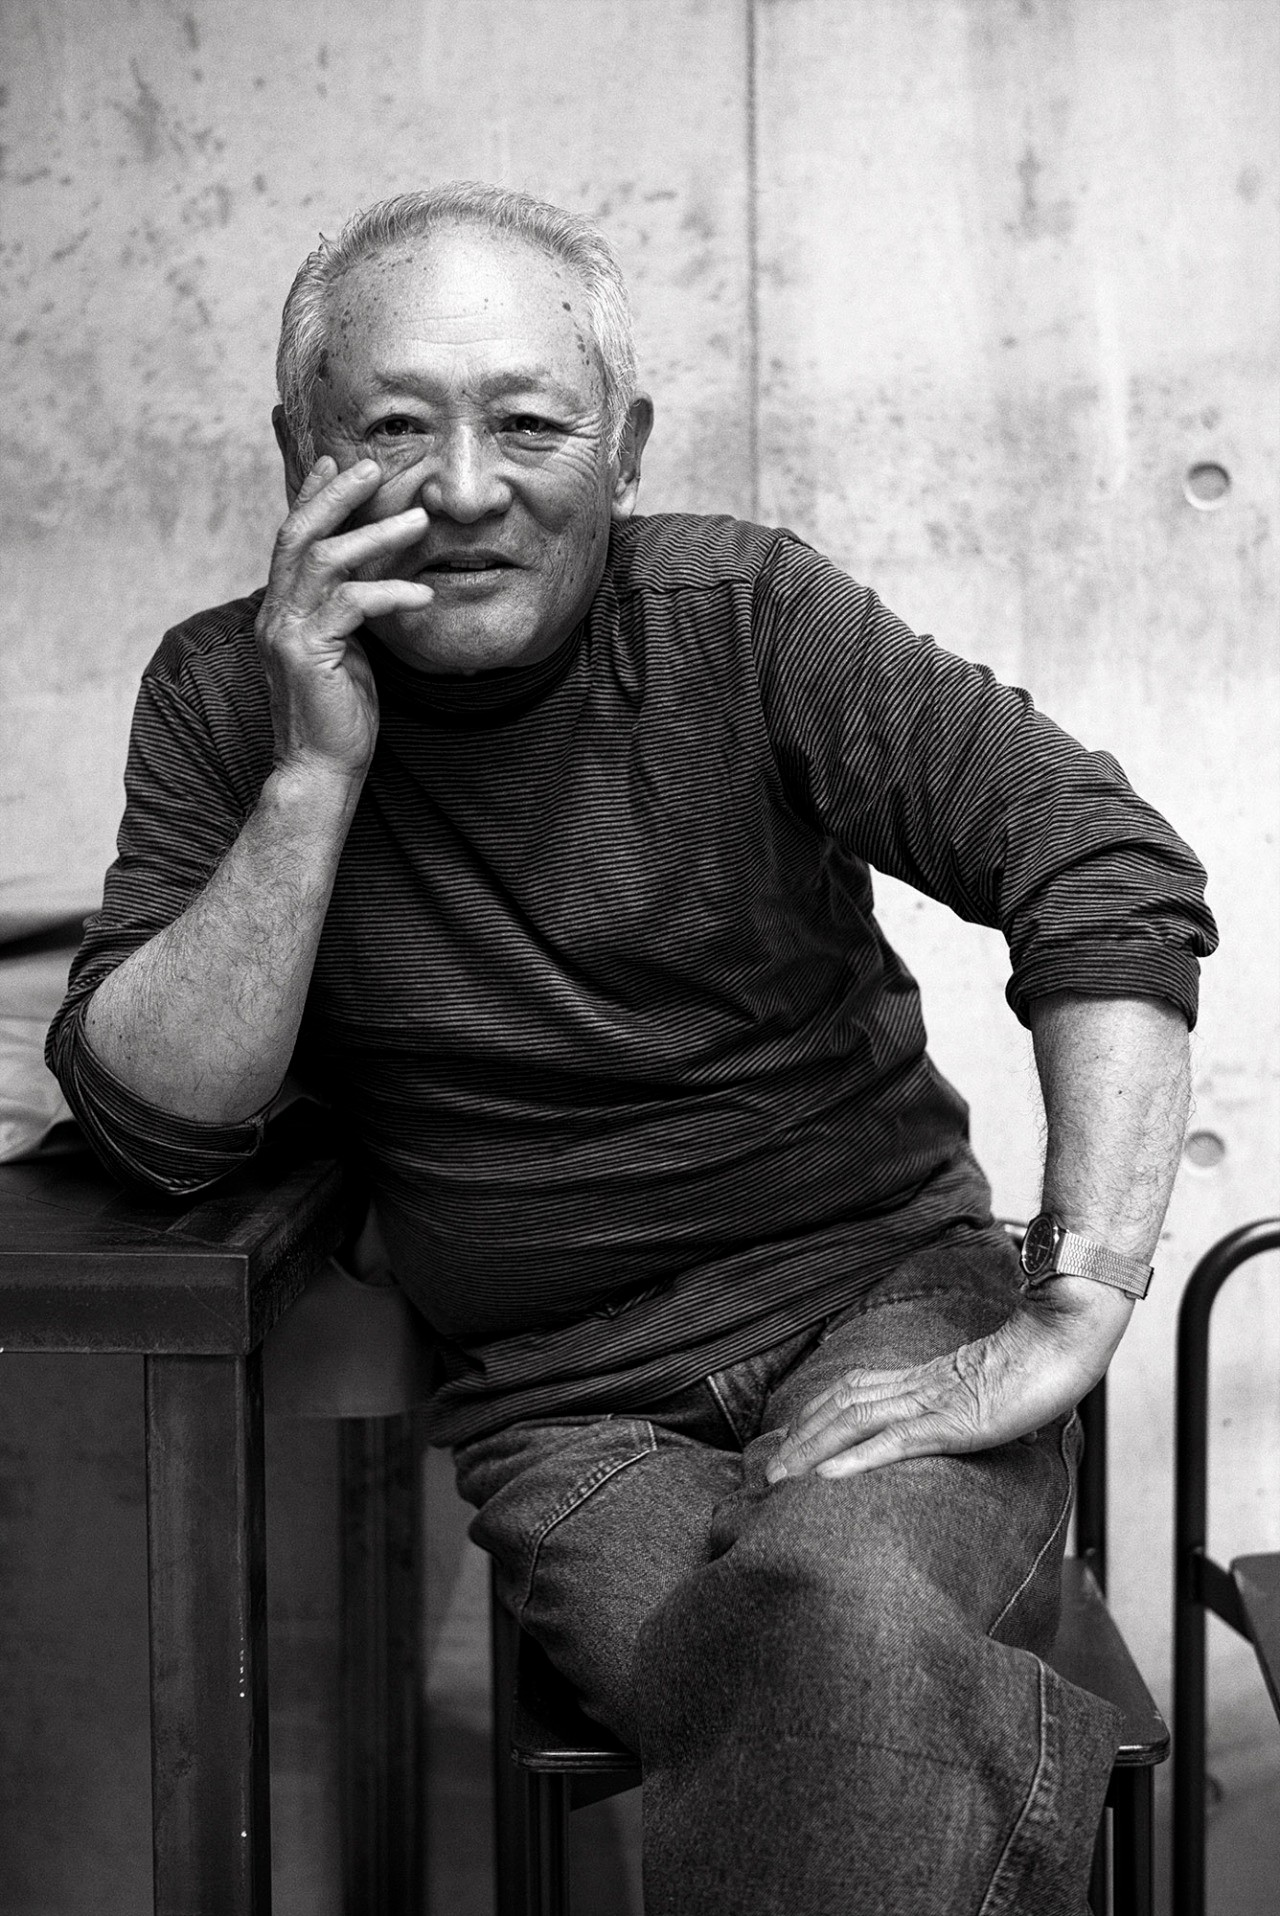 这位与 NEIGHBORHOOD 最新联名的摄影师,为何与泷泽伸介成为「忘年之交」?